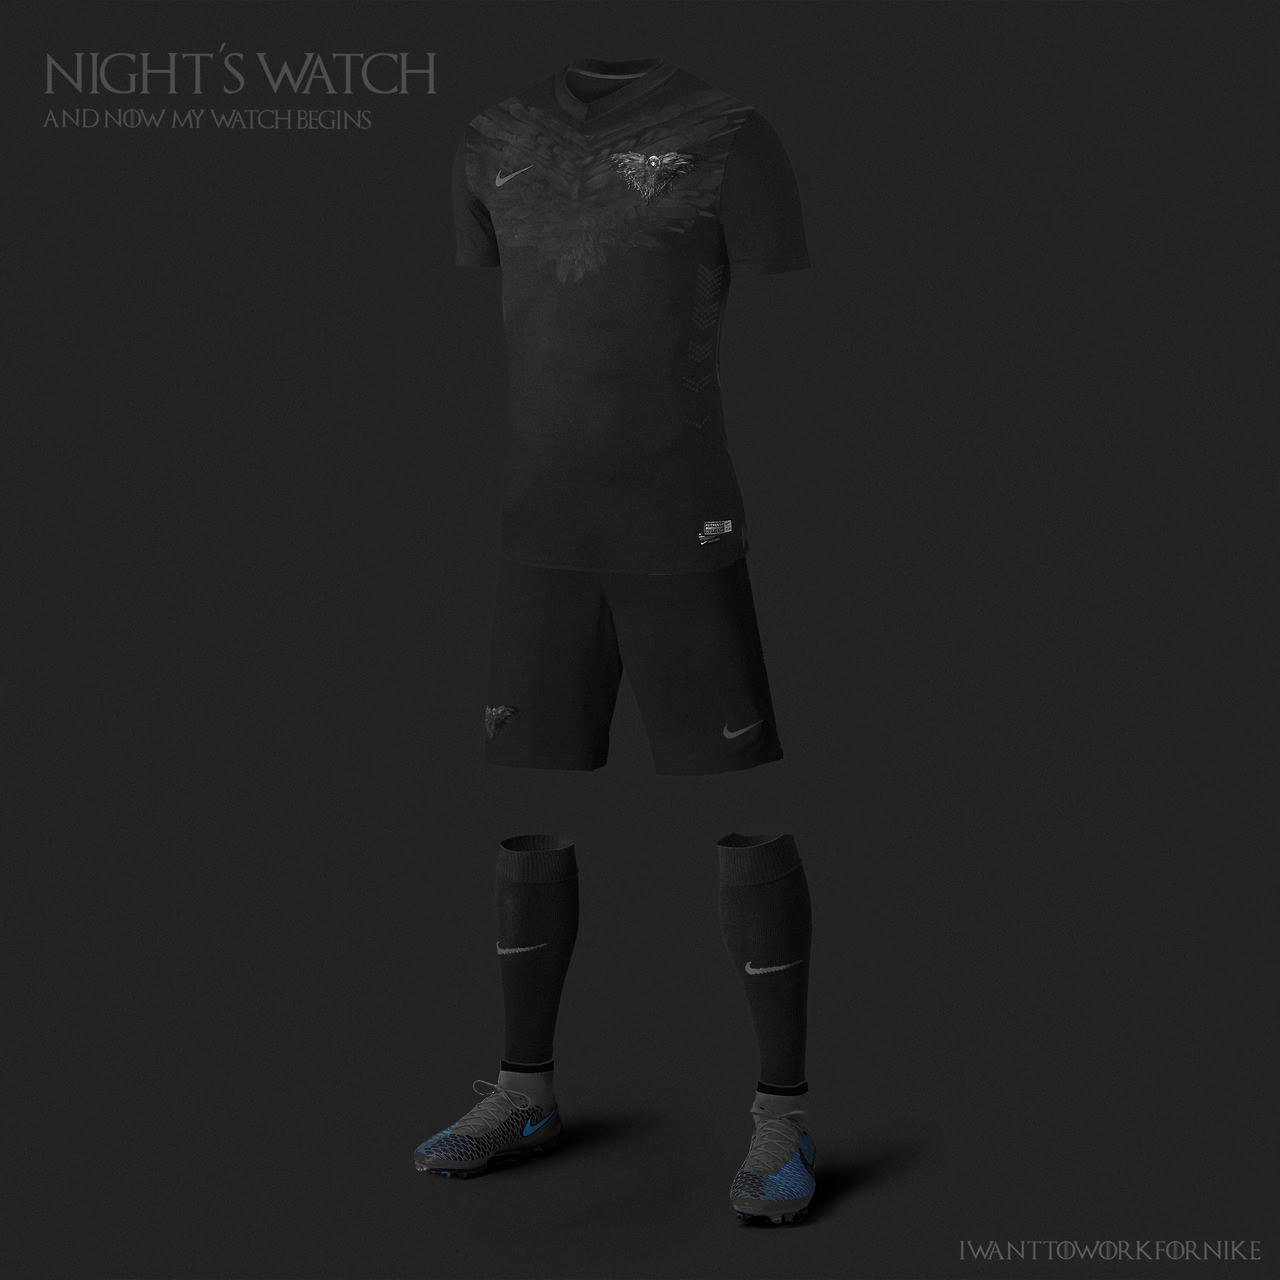 Equipaciones futboleras tipo Juego de Tronos - Guardia de la Noche